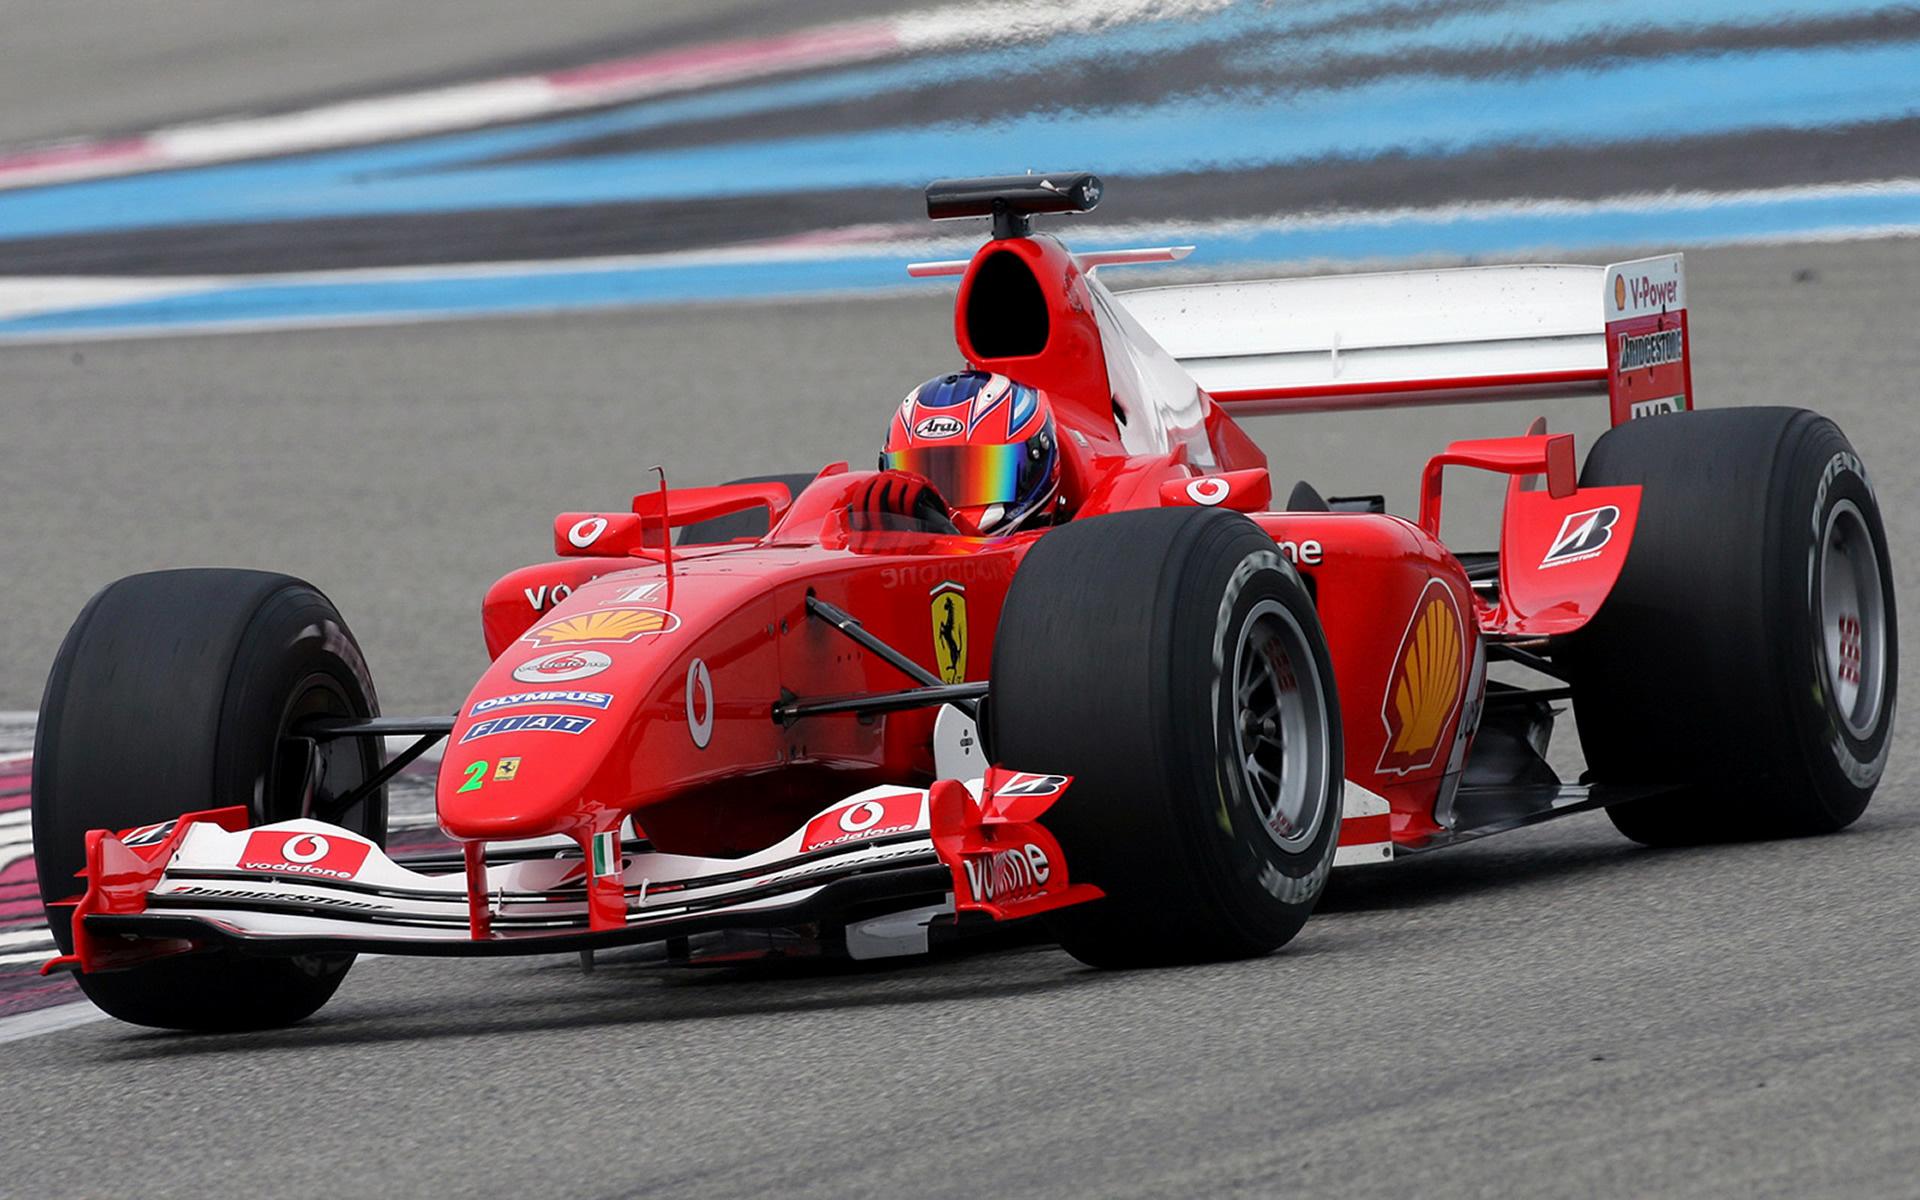 2004 Ferrari F2004 Papeis De Parede E Imagens De Fundo Em Hd Car Pixel